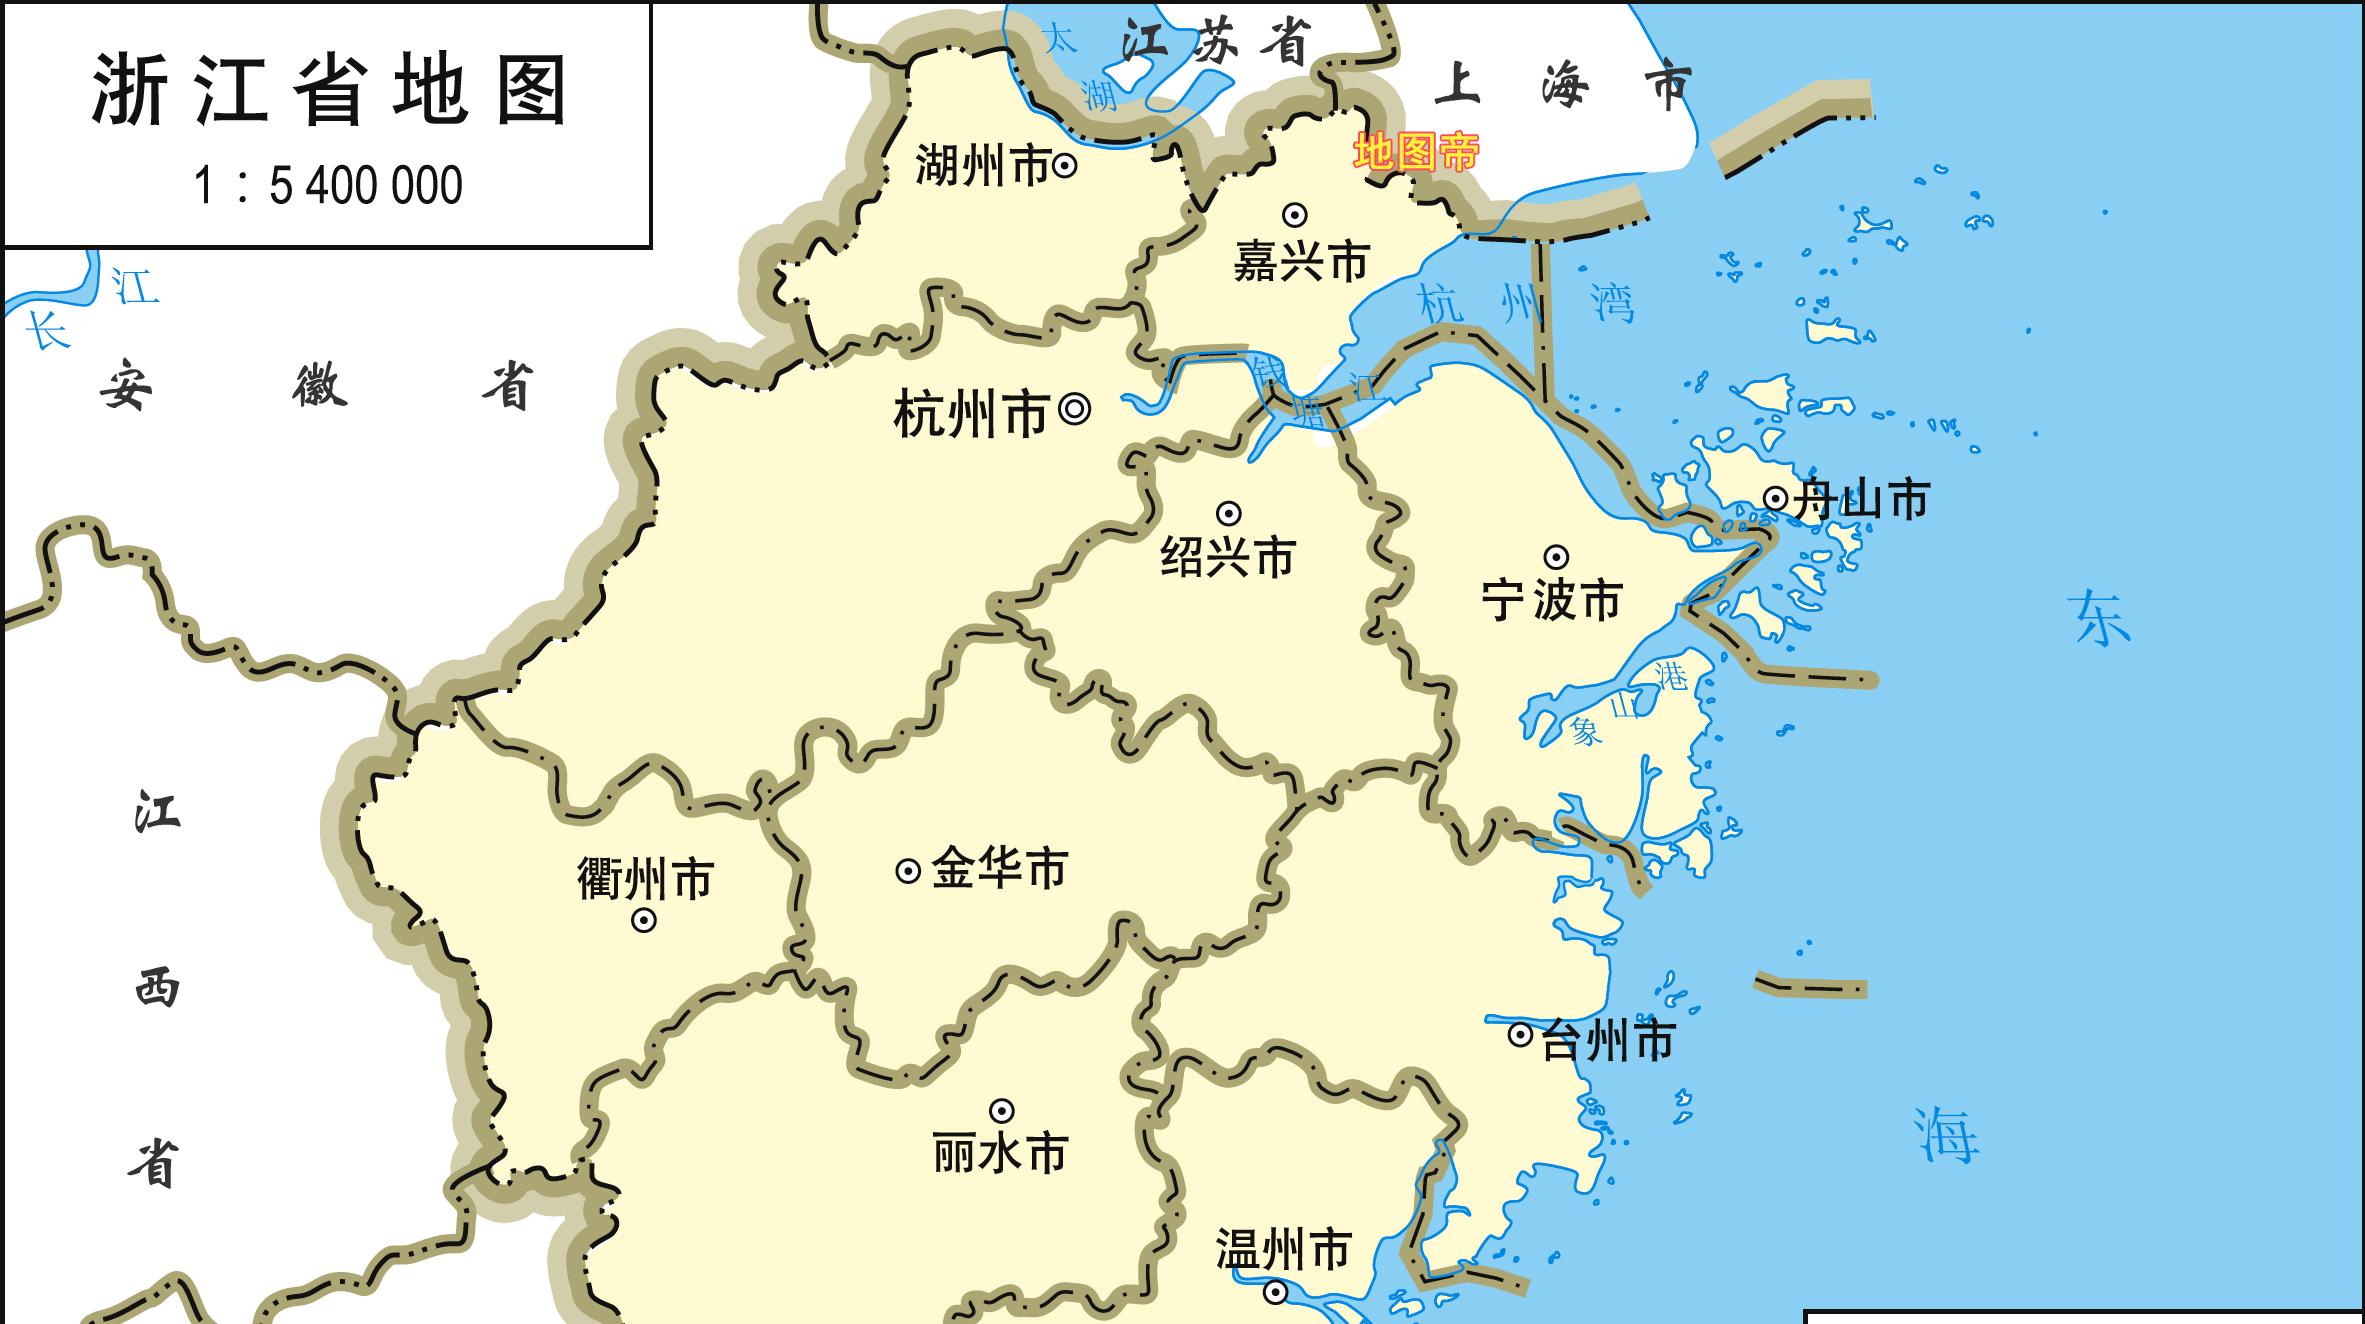 浙江台州市3市辖区高清地图,走遍苏杭不如温黄